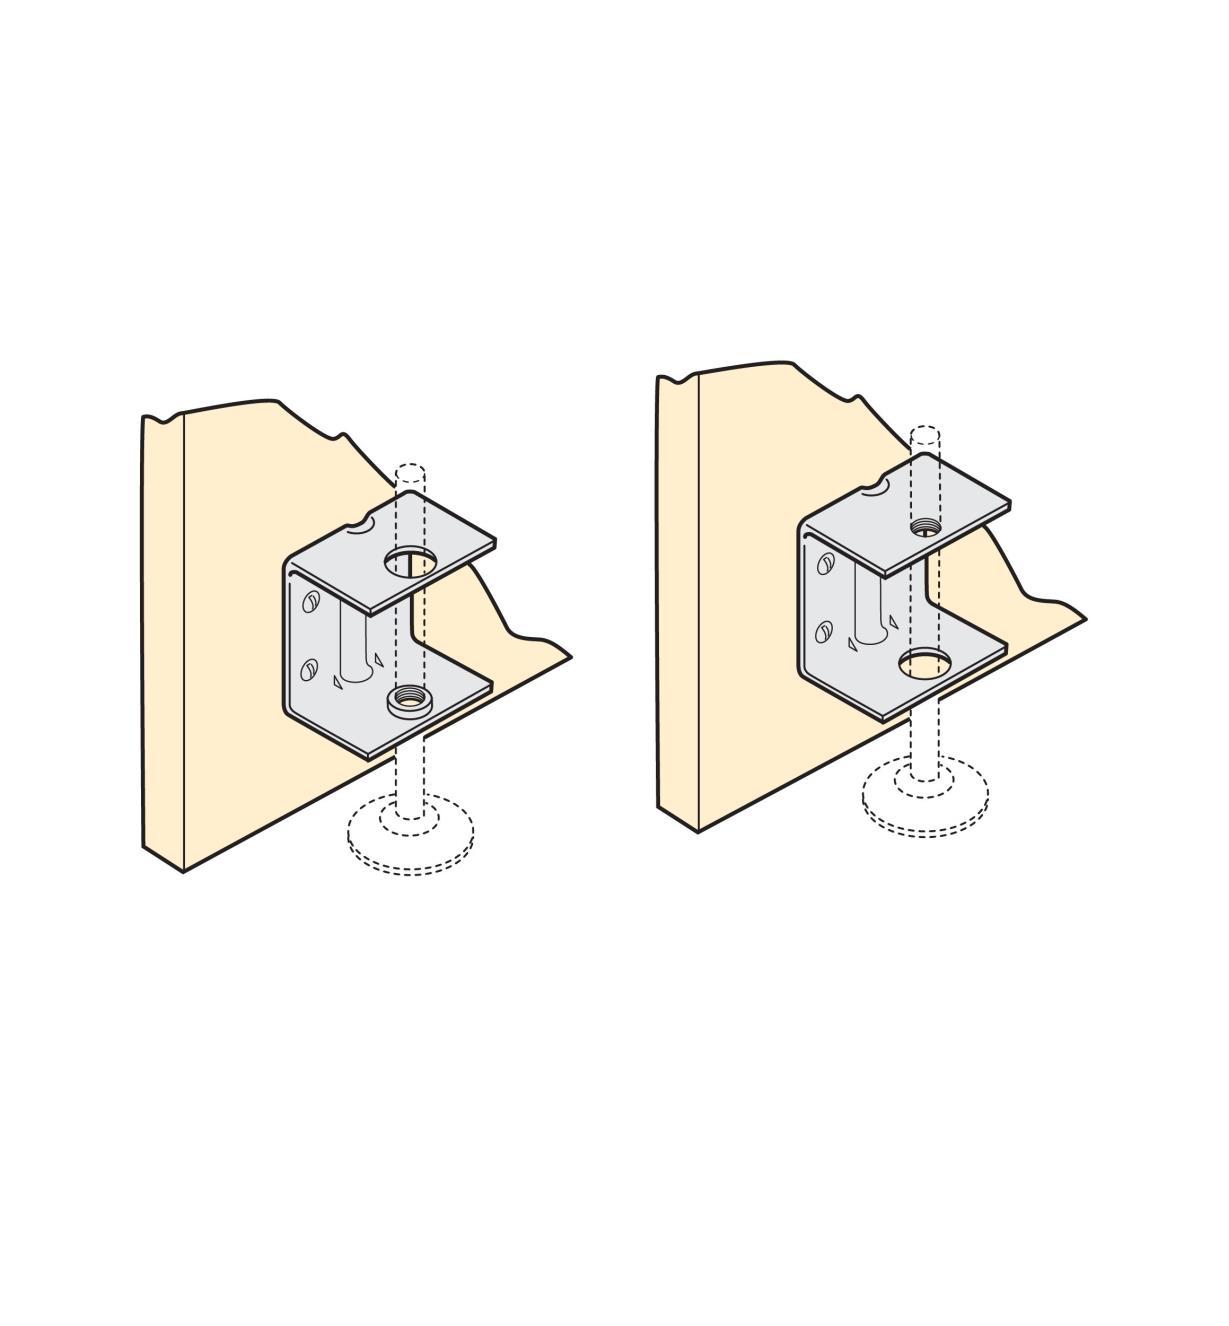 01S0405 - Supports droits de pied réglable, le paquet de 4